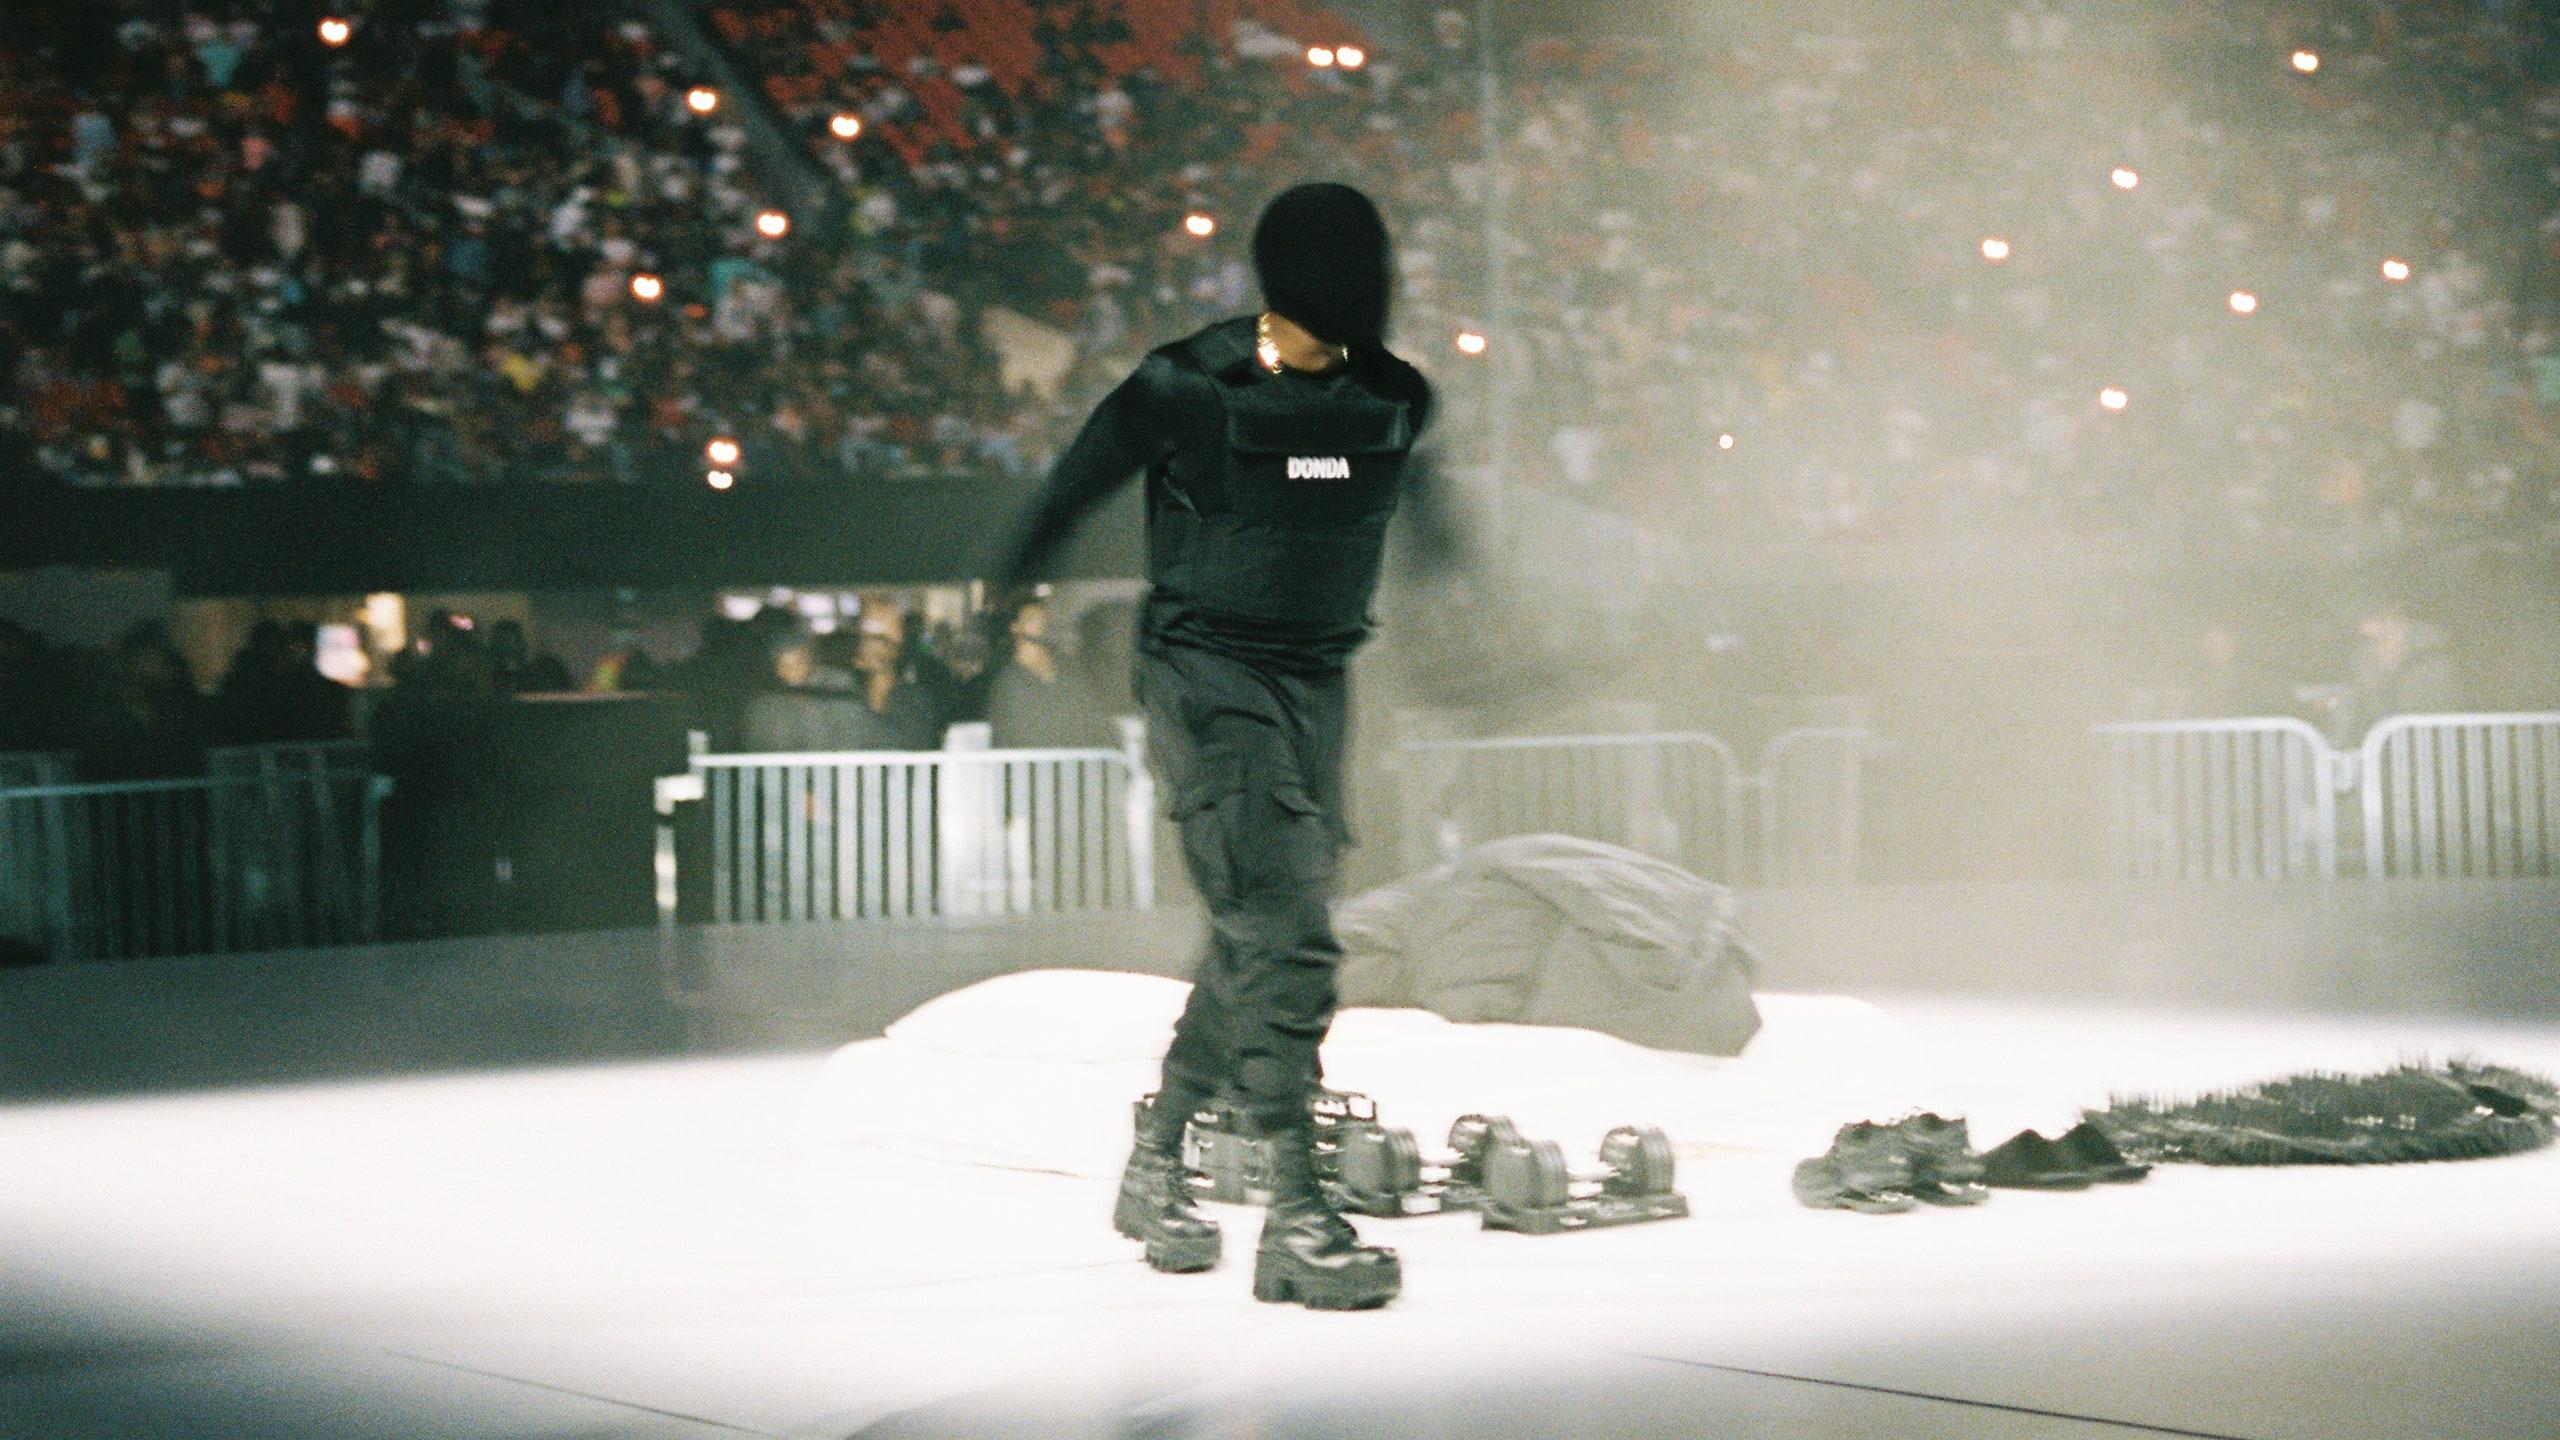 """Imagem retirada da segunda audição do álbum Donda. Nela, vemos, ao centro, Kanye West, um homem negro, que veste uma máscara preta, cobrindo todo o seu rosto. Ele ainda veste um colete preto, com os dizeres """"Donda"""" no centro, uma calça e botas de cano alto pretas. Ele anda para frente, e a câmera captura o momento específico em que ele se move, fazendo com que a imagem de seus braços fique ligeiramente borrada, dando sensação de movimento. O cenário é noite, e Kanye é iluminado pela luz branca de um holofote. A cena se passa em um estádio, e pode-se ver ao fundo um grande número de pessoas lotando as arquibancadas. Jogados ao chão, do lado de Kanye, pode-se ver um colchão branco, uma colcha preta, uma jaqueta preta, dois pares de sapatos pretos e dois pares de haltares."""